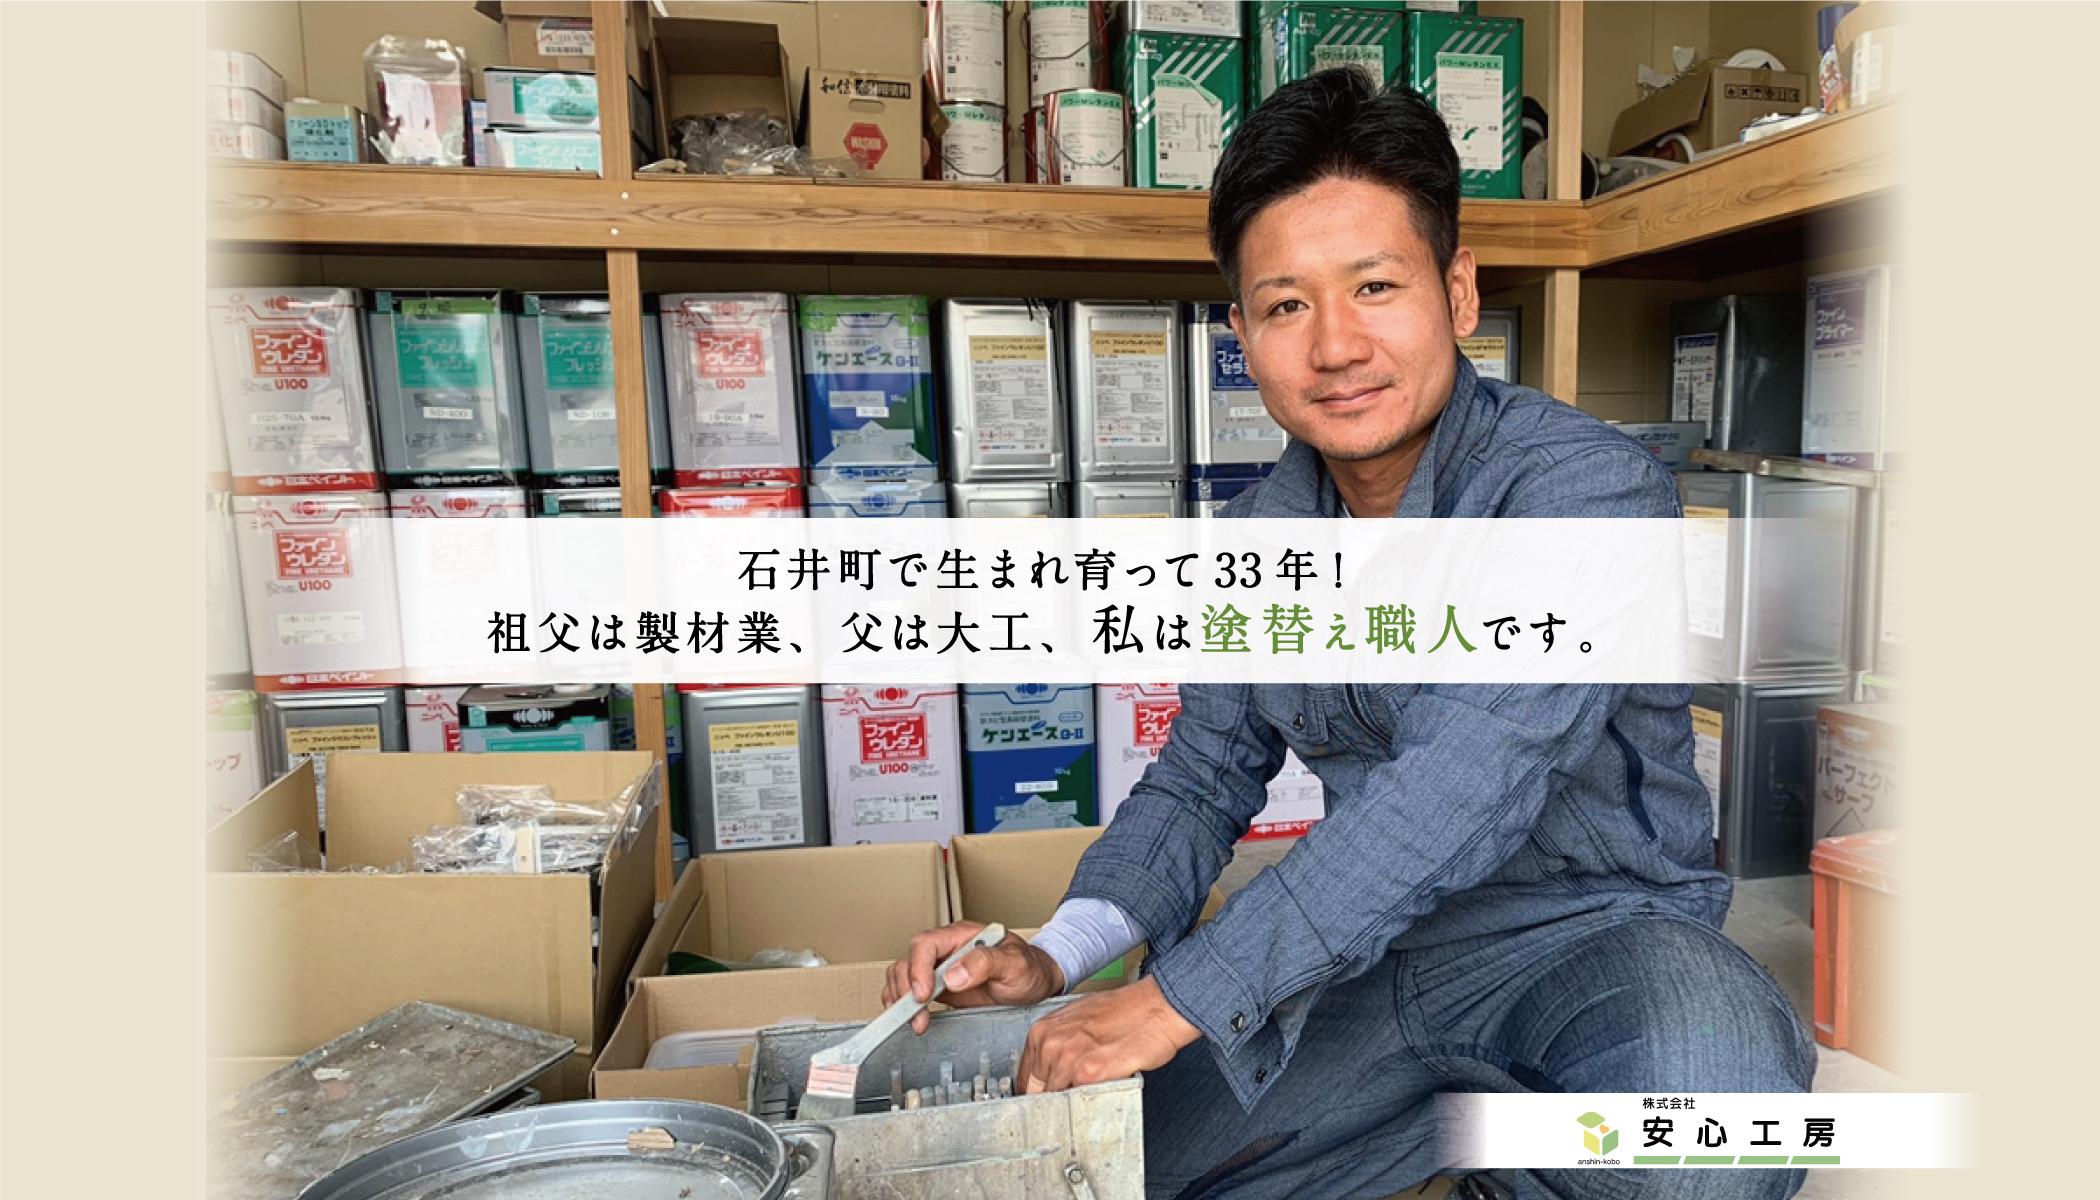 石井町で生まれ育って33年!祖父は製材業、父は大工、私は塗替え職人です。